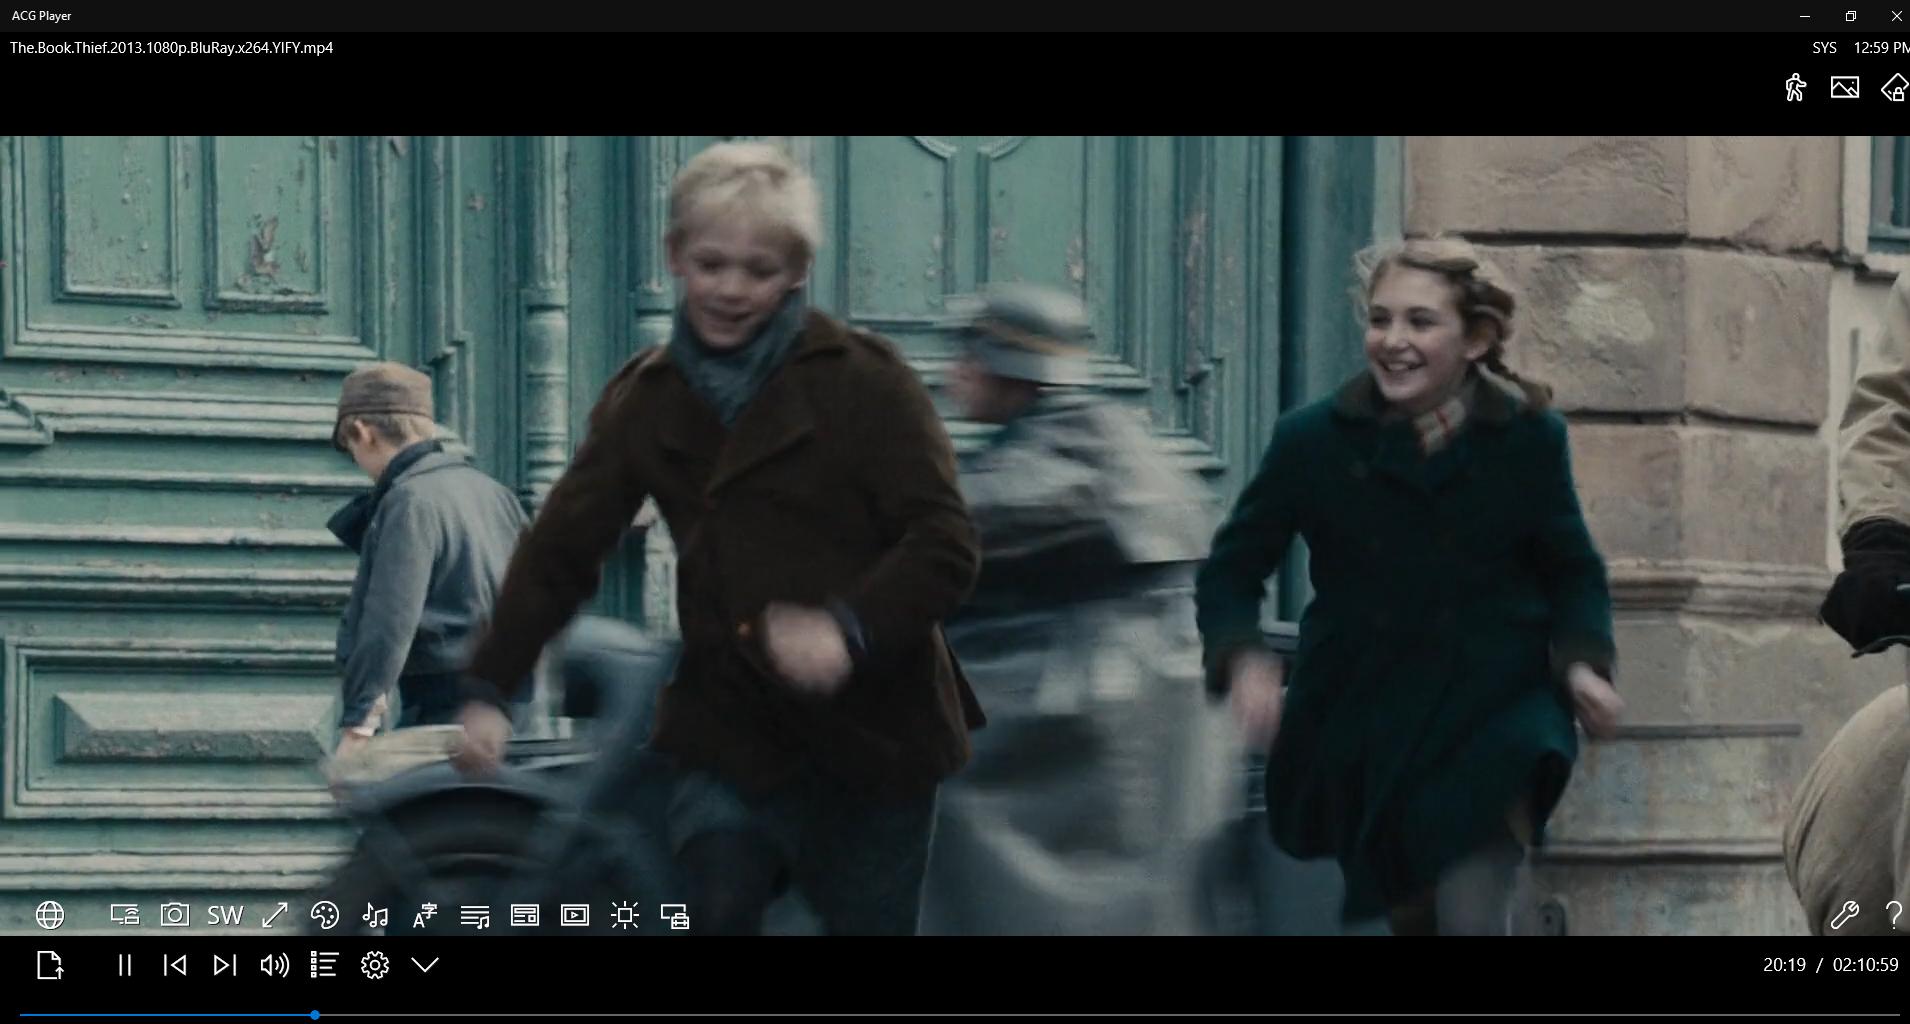 Los mejores reproductores para ver películas en Windows